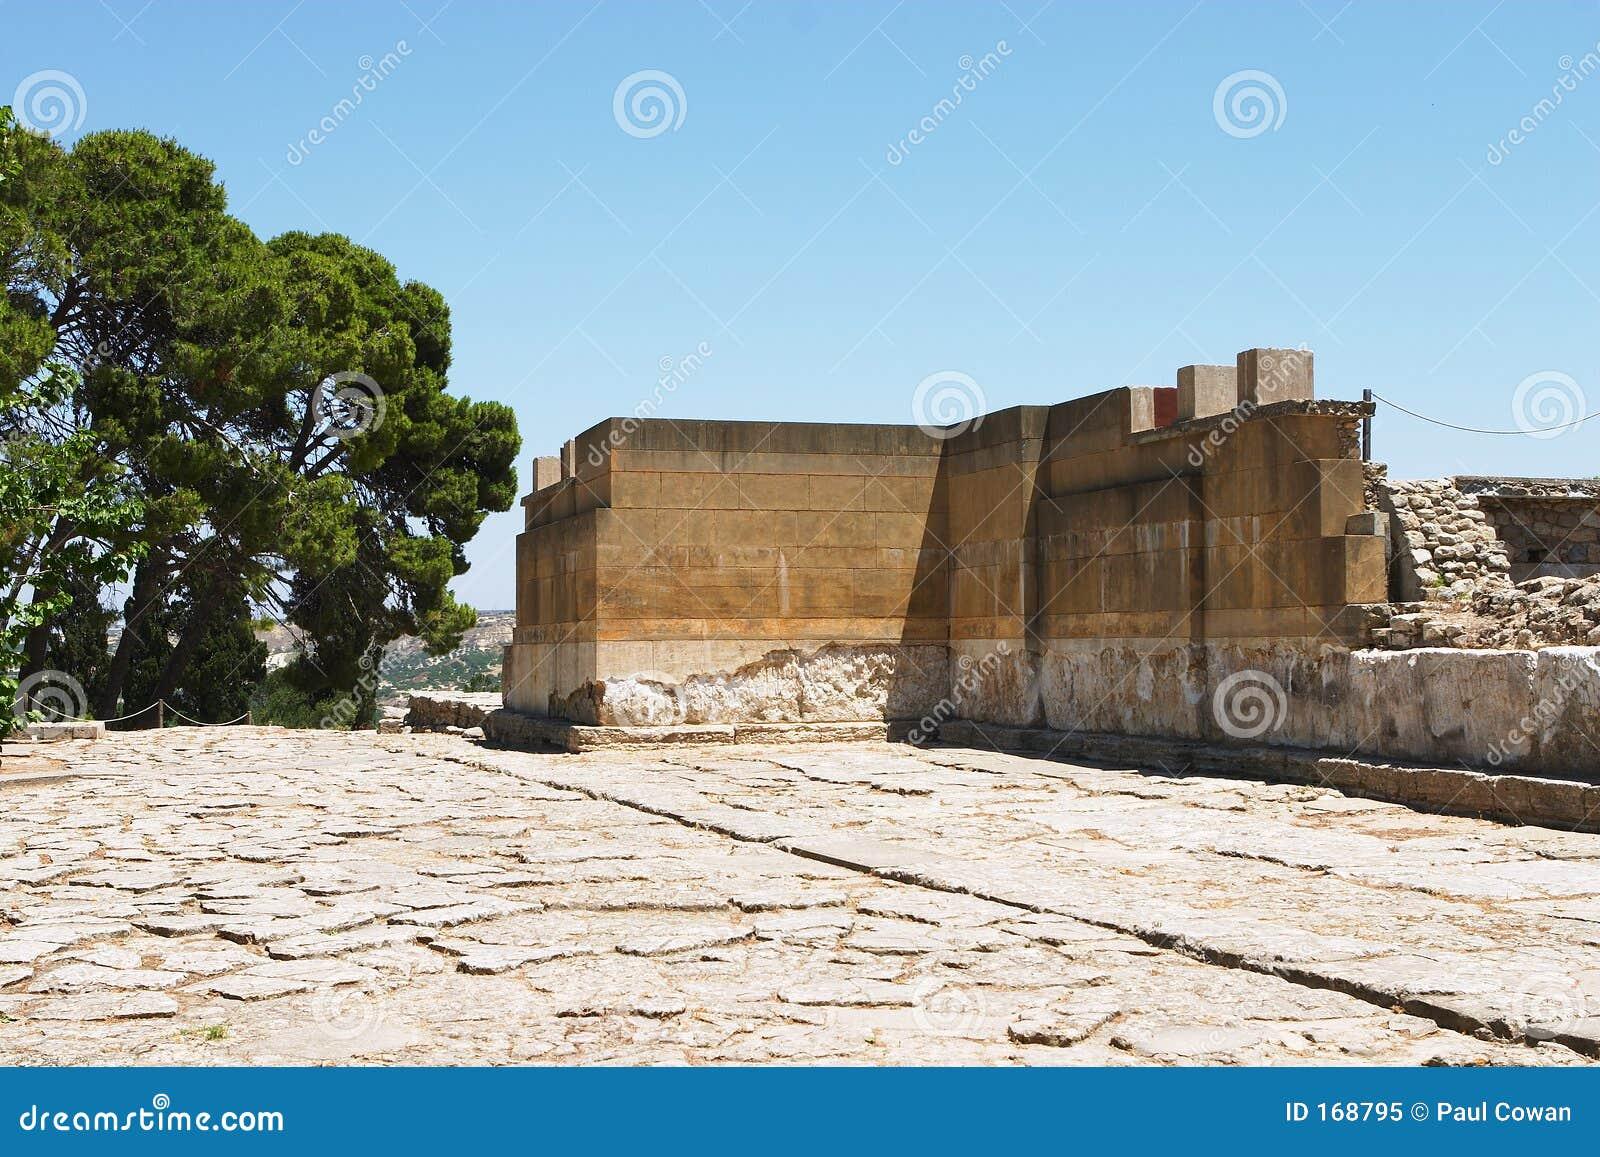 Knossos processional way